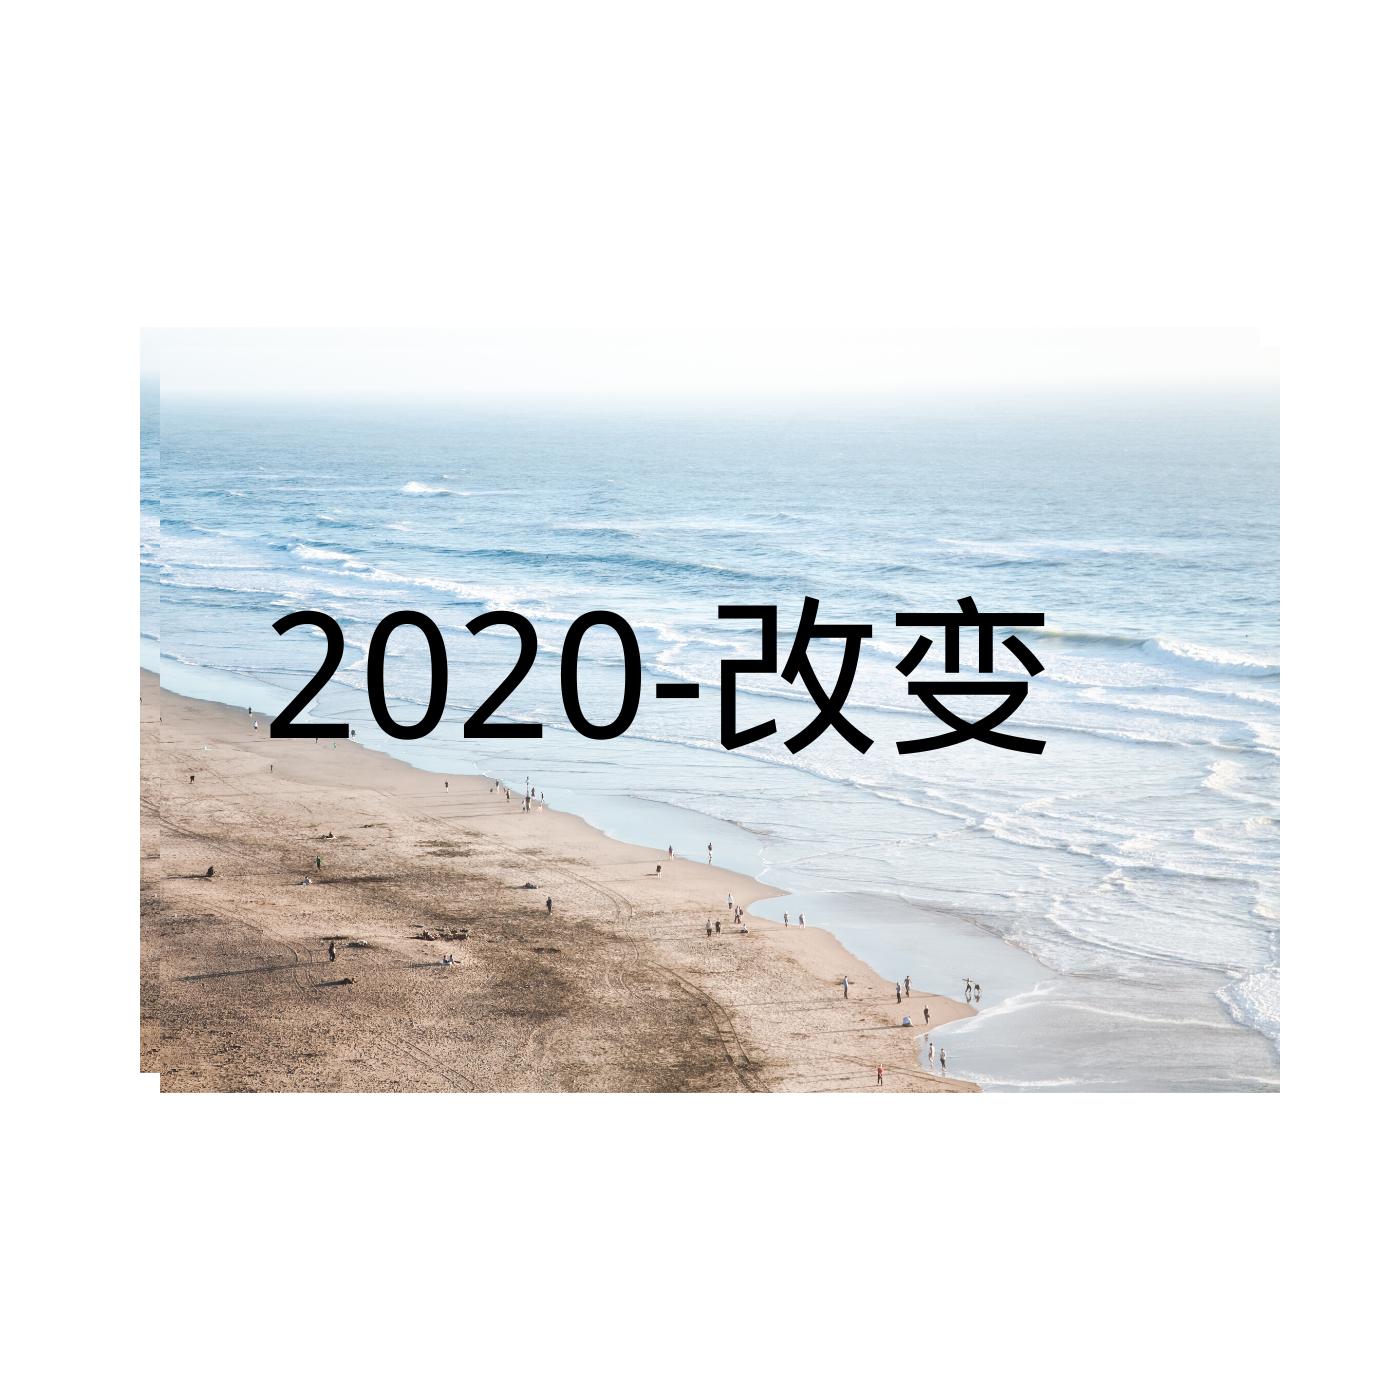 2020-改变